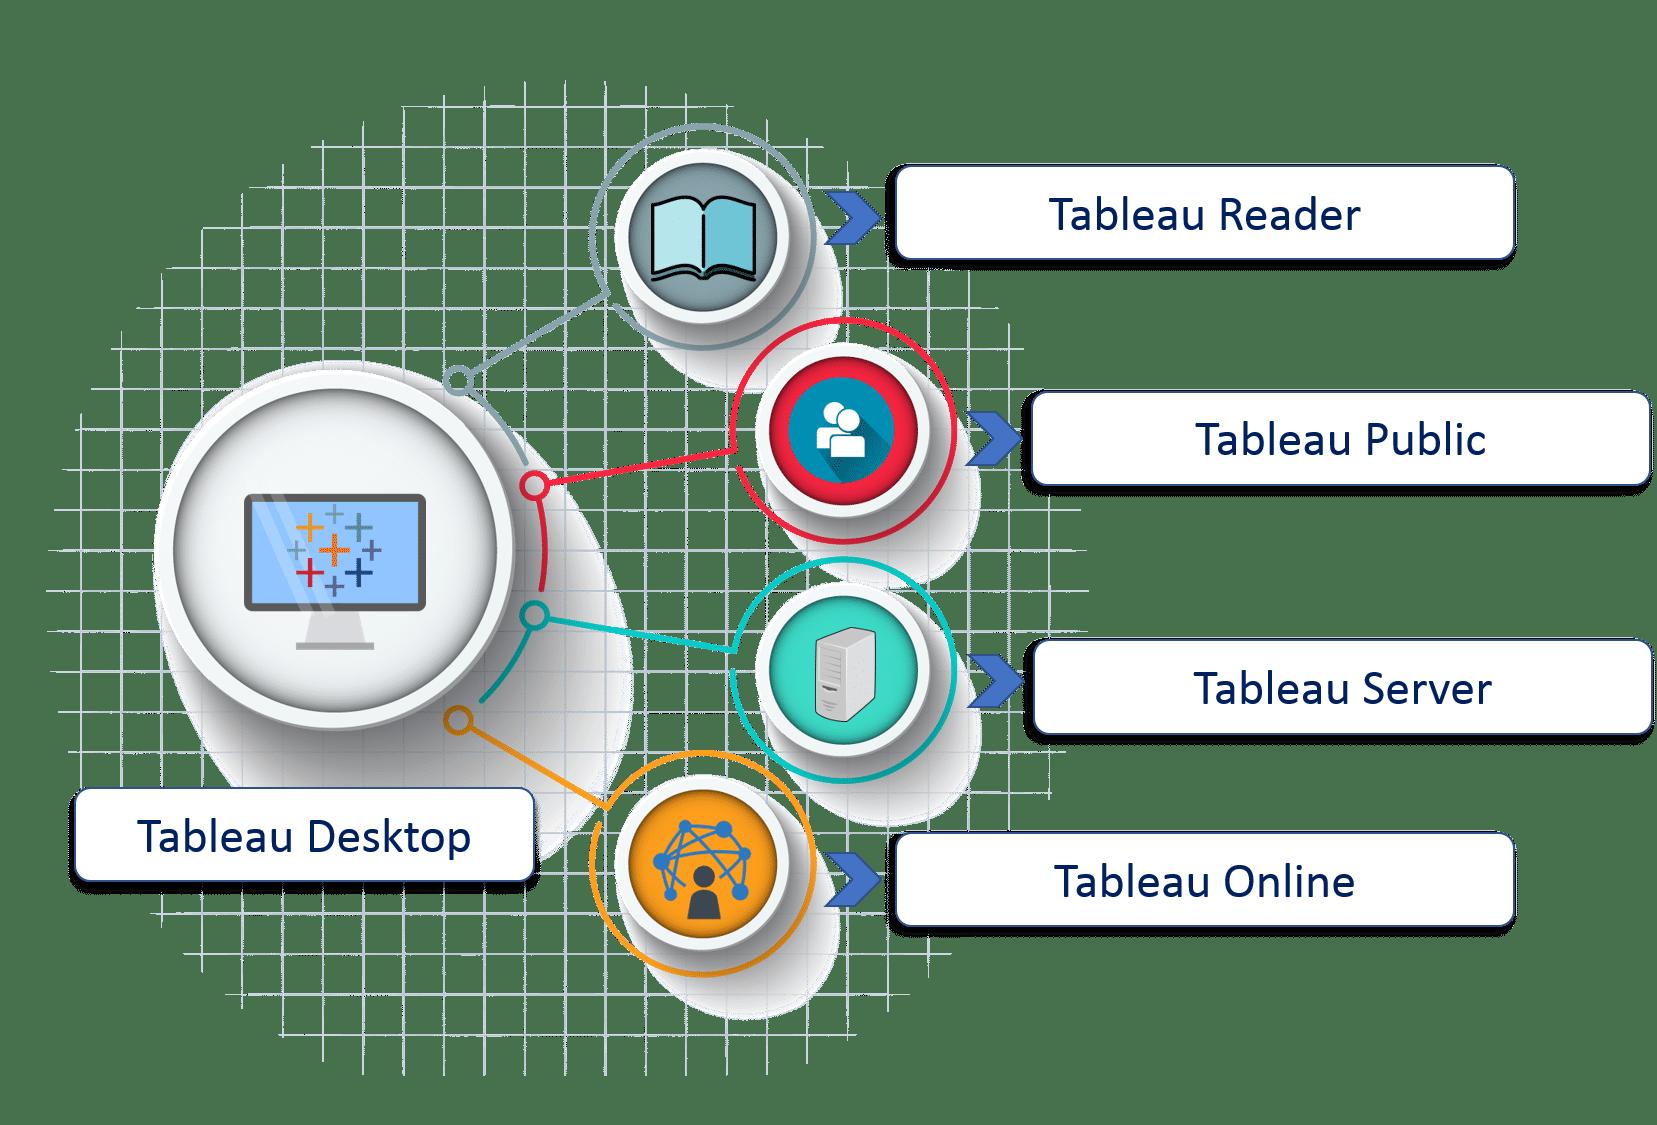 Tableau Product Family - Tableau Tutorial - Edureka